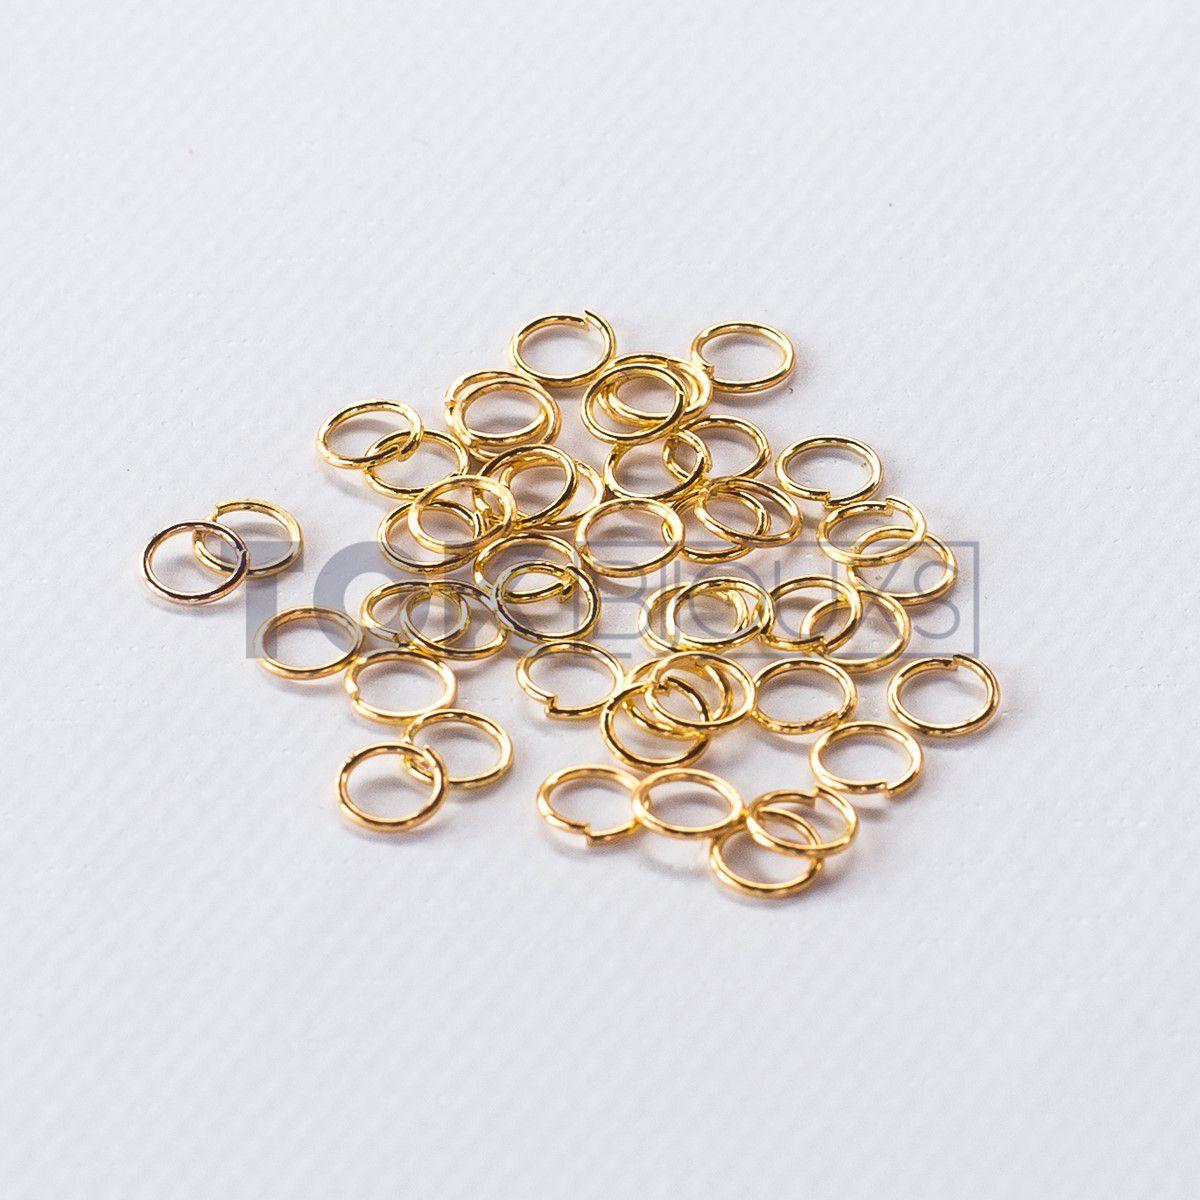 Argola De Ferro 6mm - Dourado - 500g